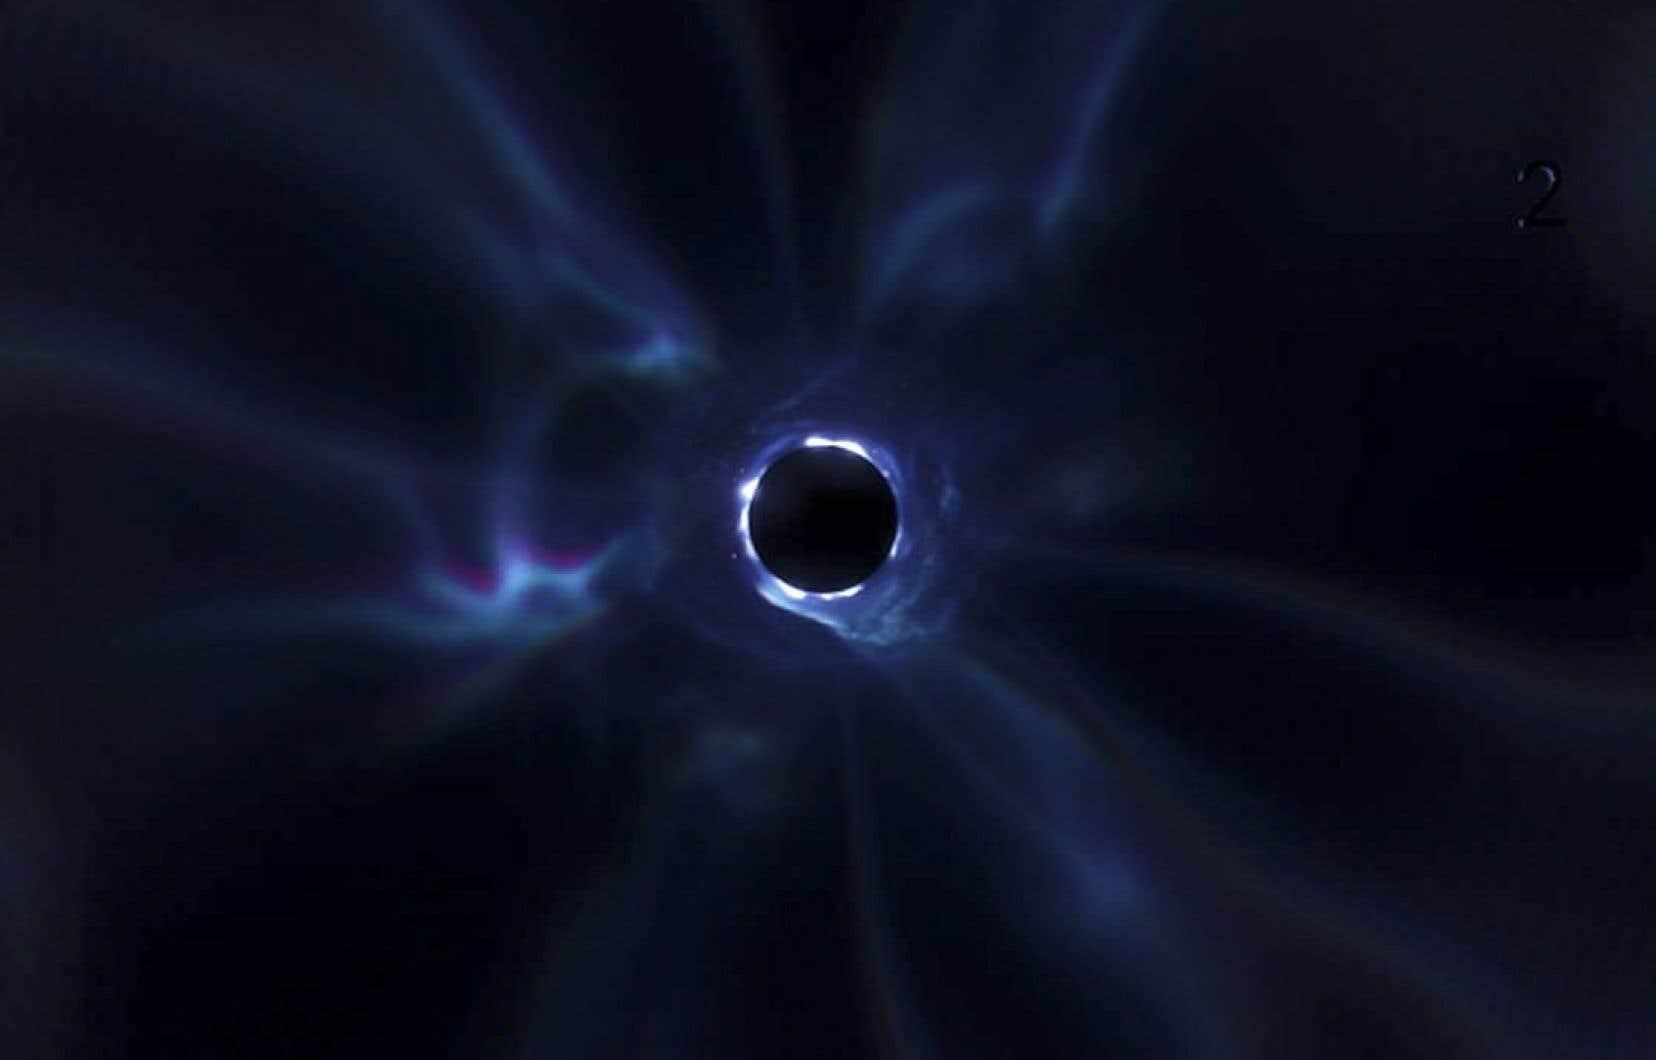 Plusieurs joueurs ont posté des vidéos montrant l'univers Fortnite progressivement aspiré par le trou noir, qui a mis fin à leur partie.